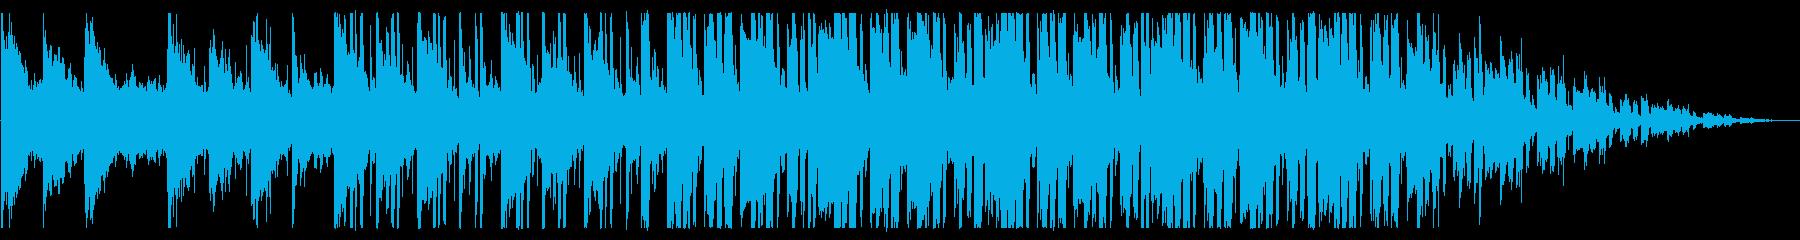 浮遊感/孤独/R&B_No437_3の再生済みの波形